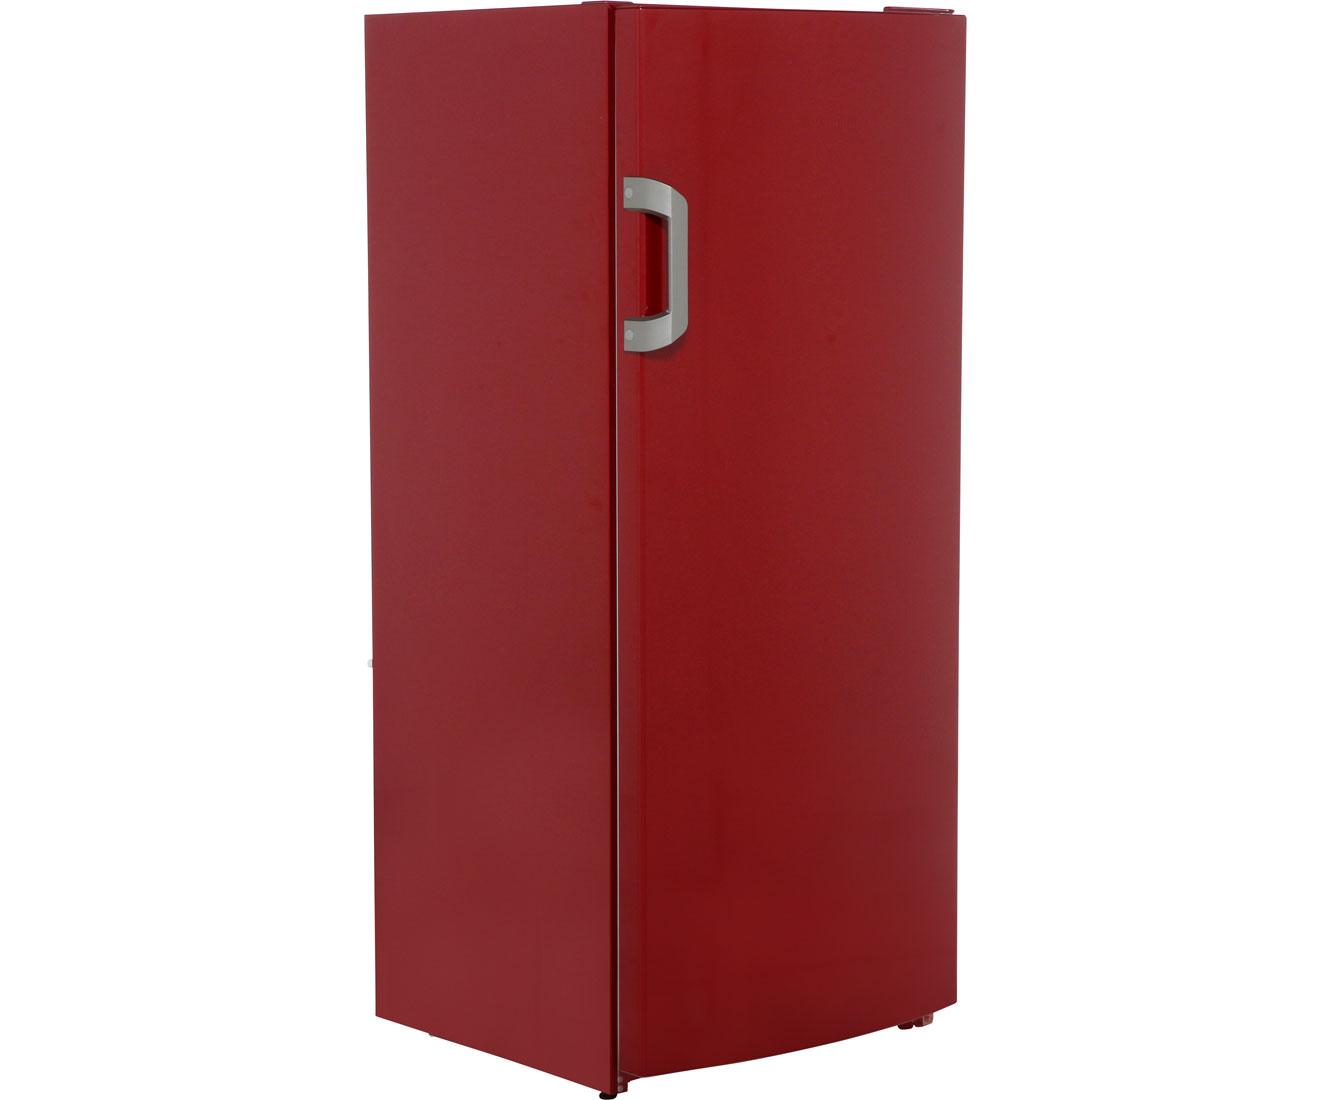 gorenje 60309 rot g nstig kaufen. Black Bedroom Furniture Sets. Home Design Ideas